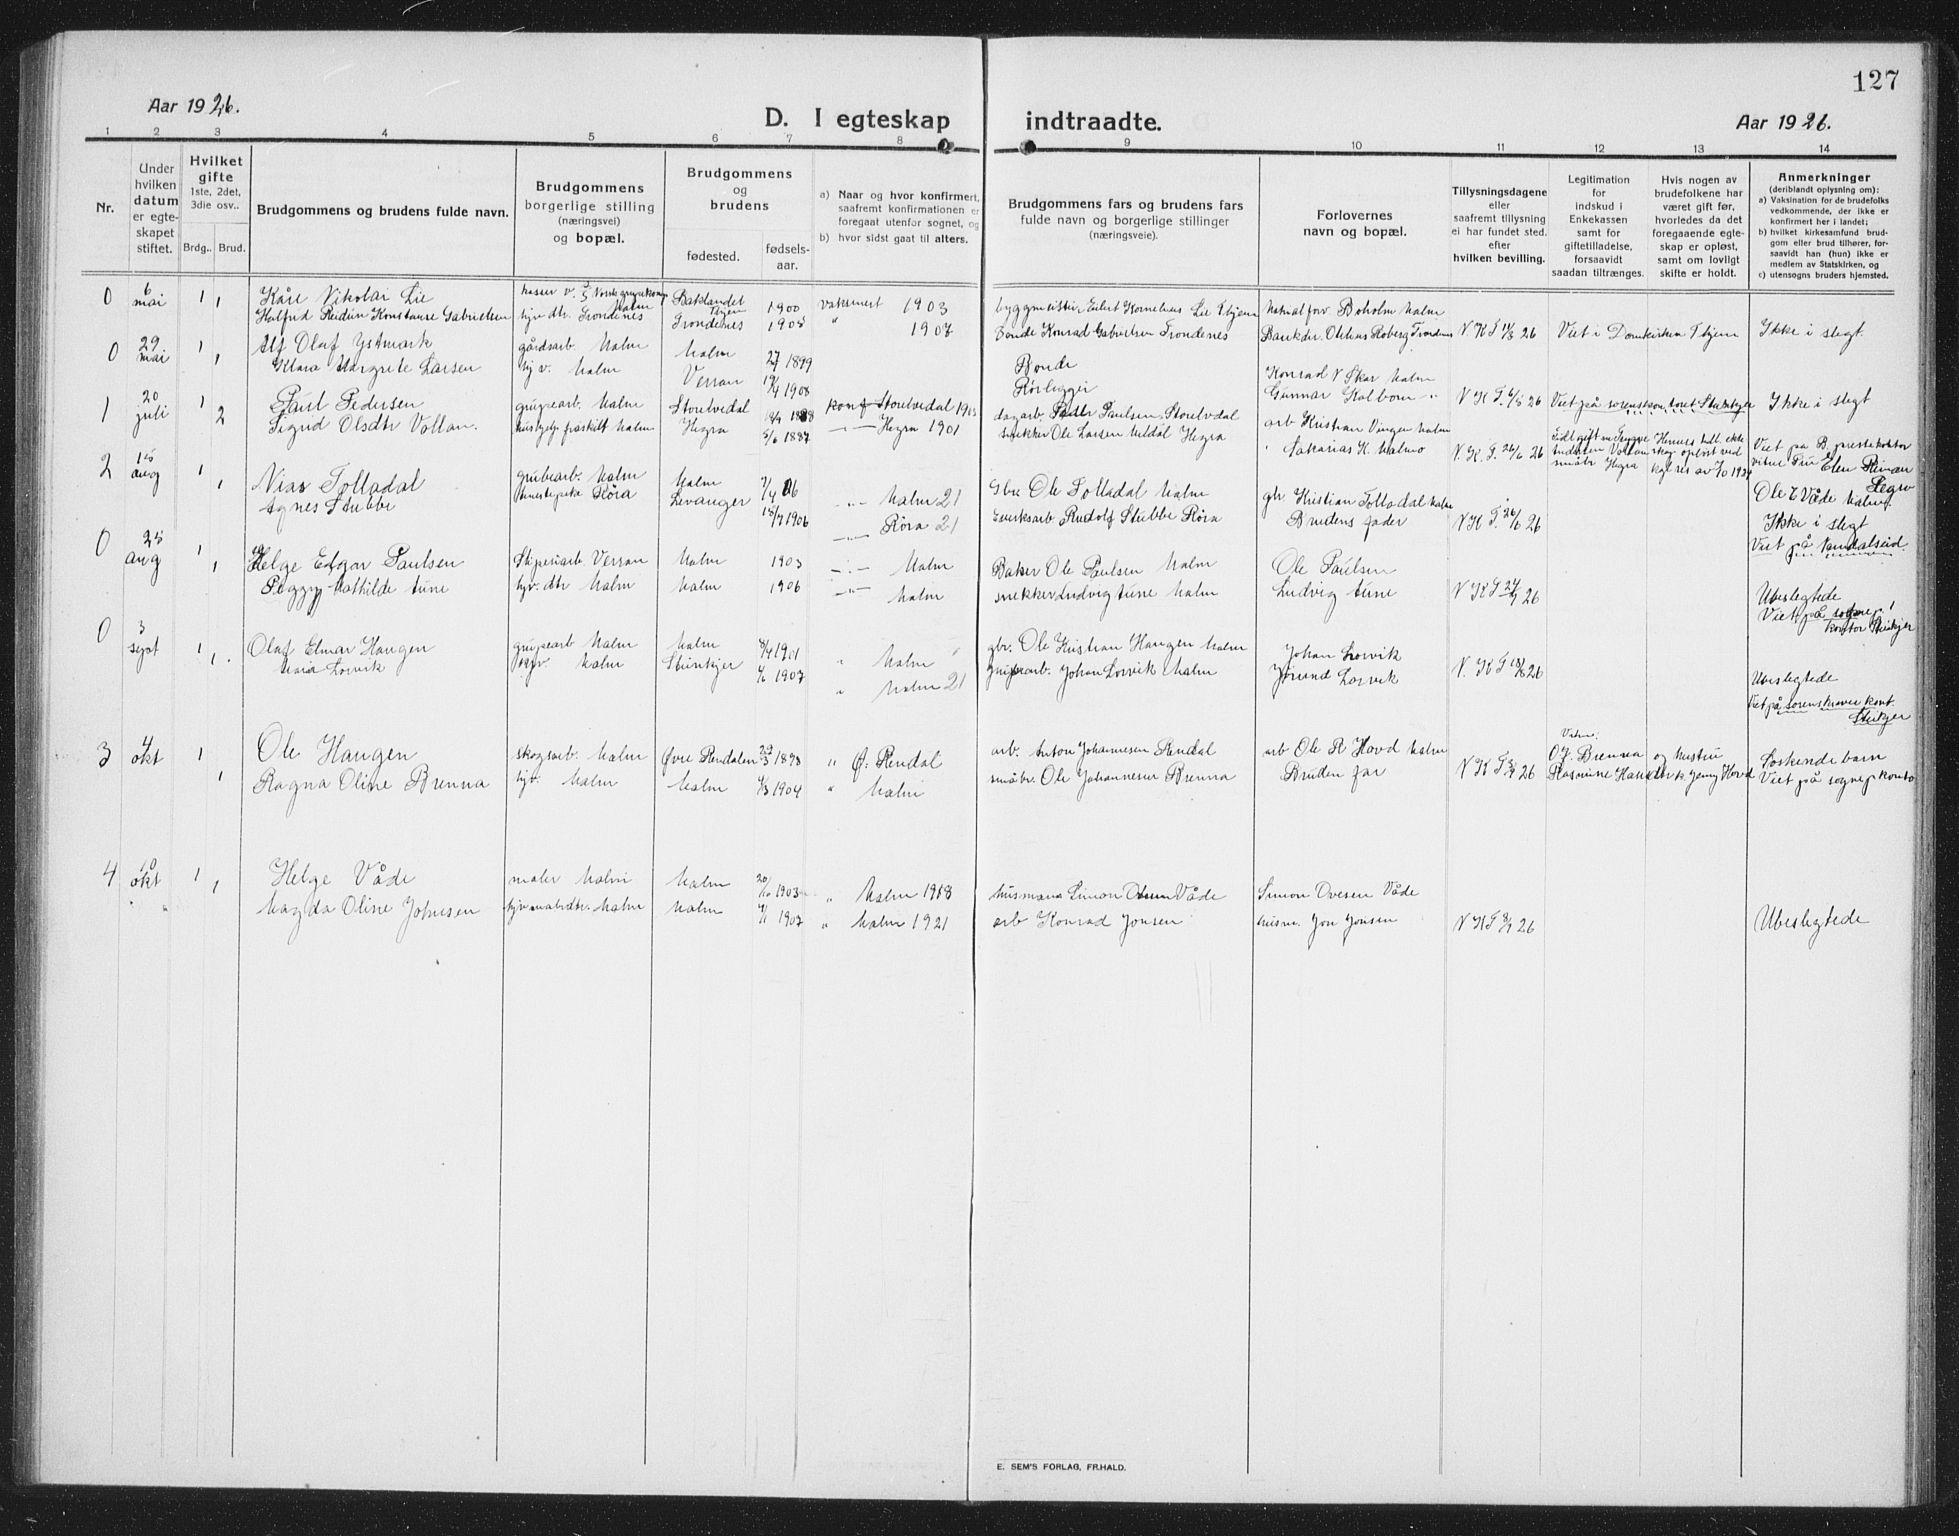 SAT, Ministerialprotokoller, klokkerbøker og fødselsregistre - Nord-Trøndelag, 745/L0434: Klokkerbok nr. 745C03, 1914-1937, s. 127